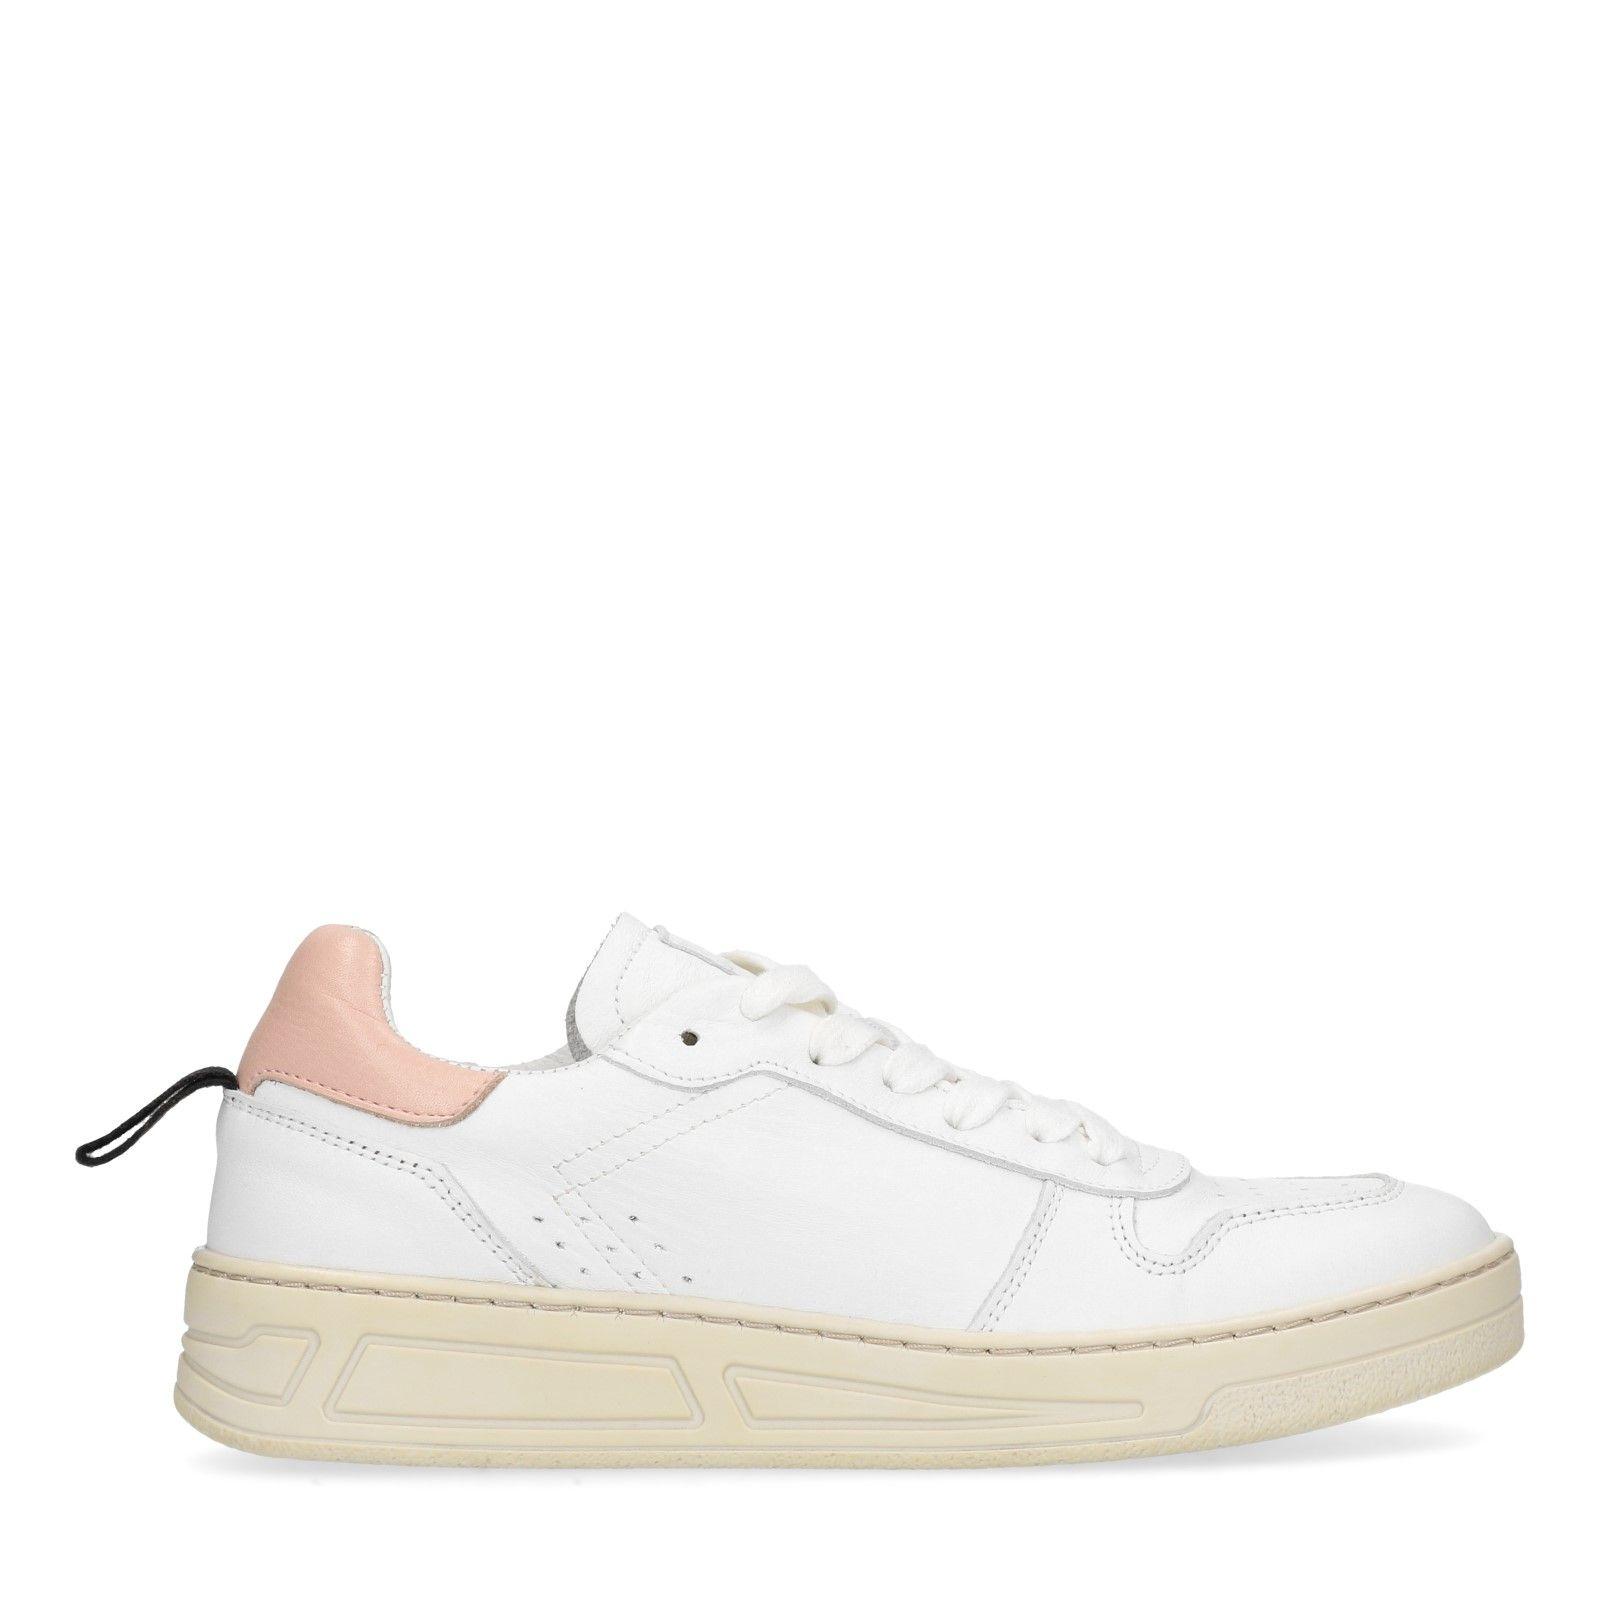 Witte Met Roze Sacha Sneakers Detail y80wNnmvO